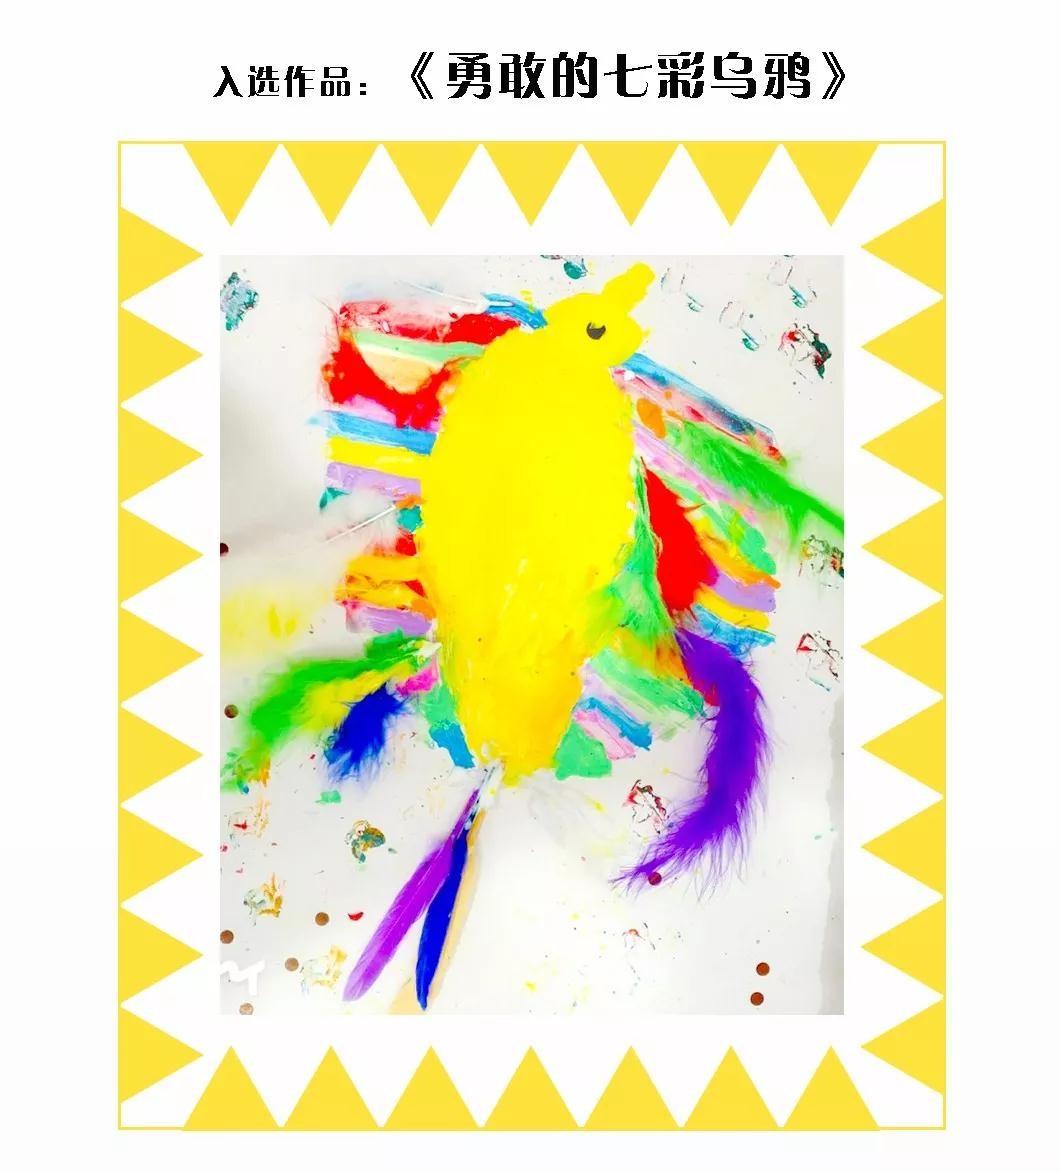 想让孩子养成美术兴趣?不如让他们试试用图画写日记吧